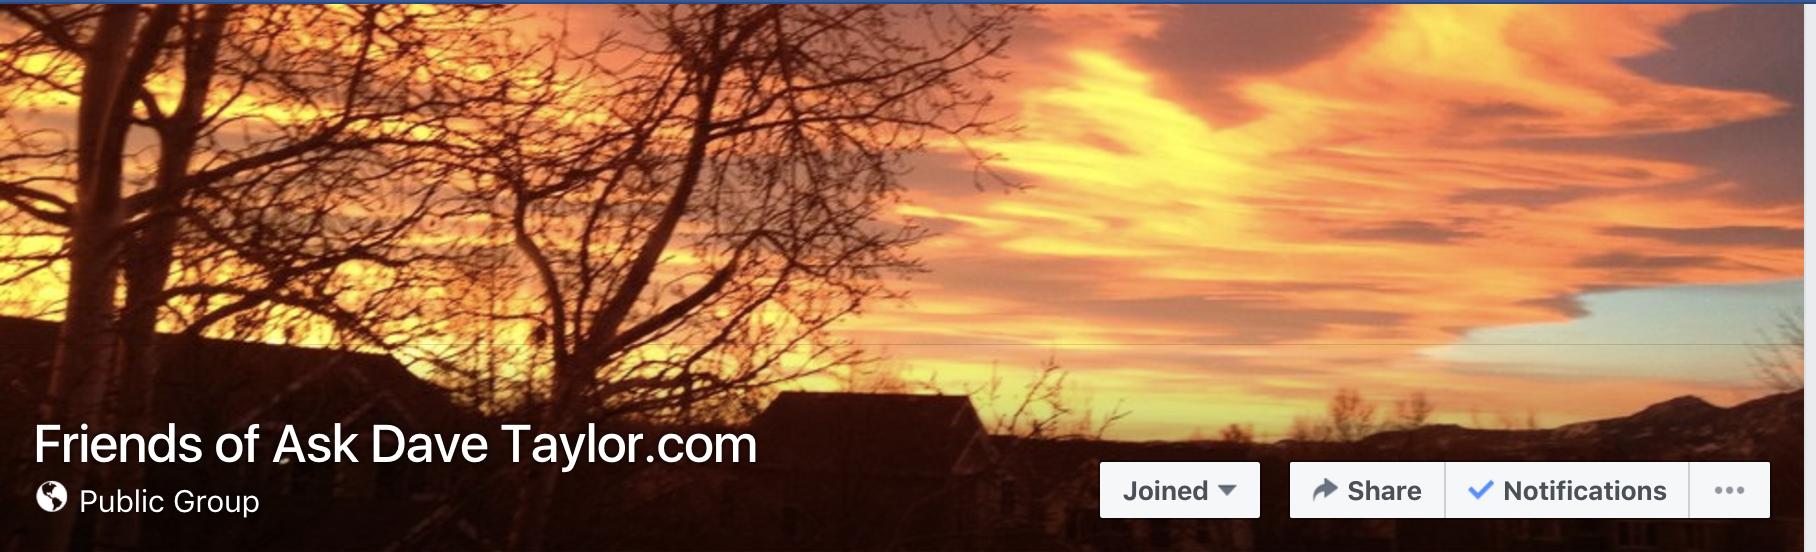 facebook group image - sunrise